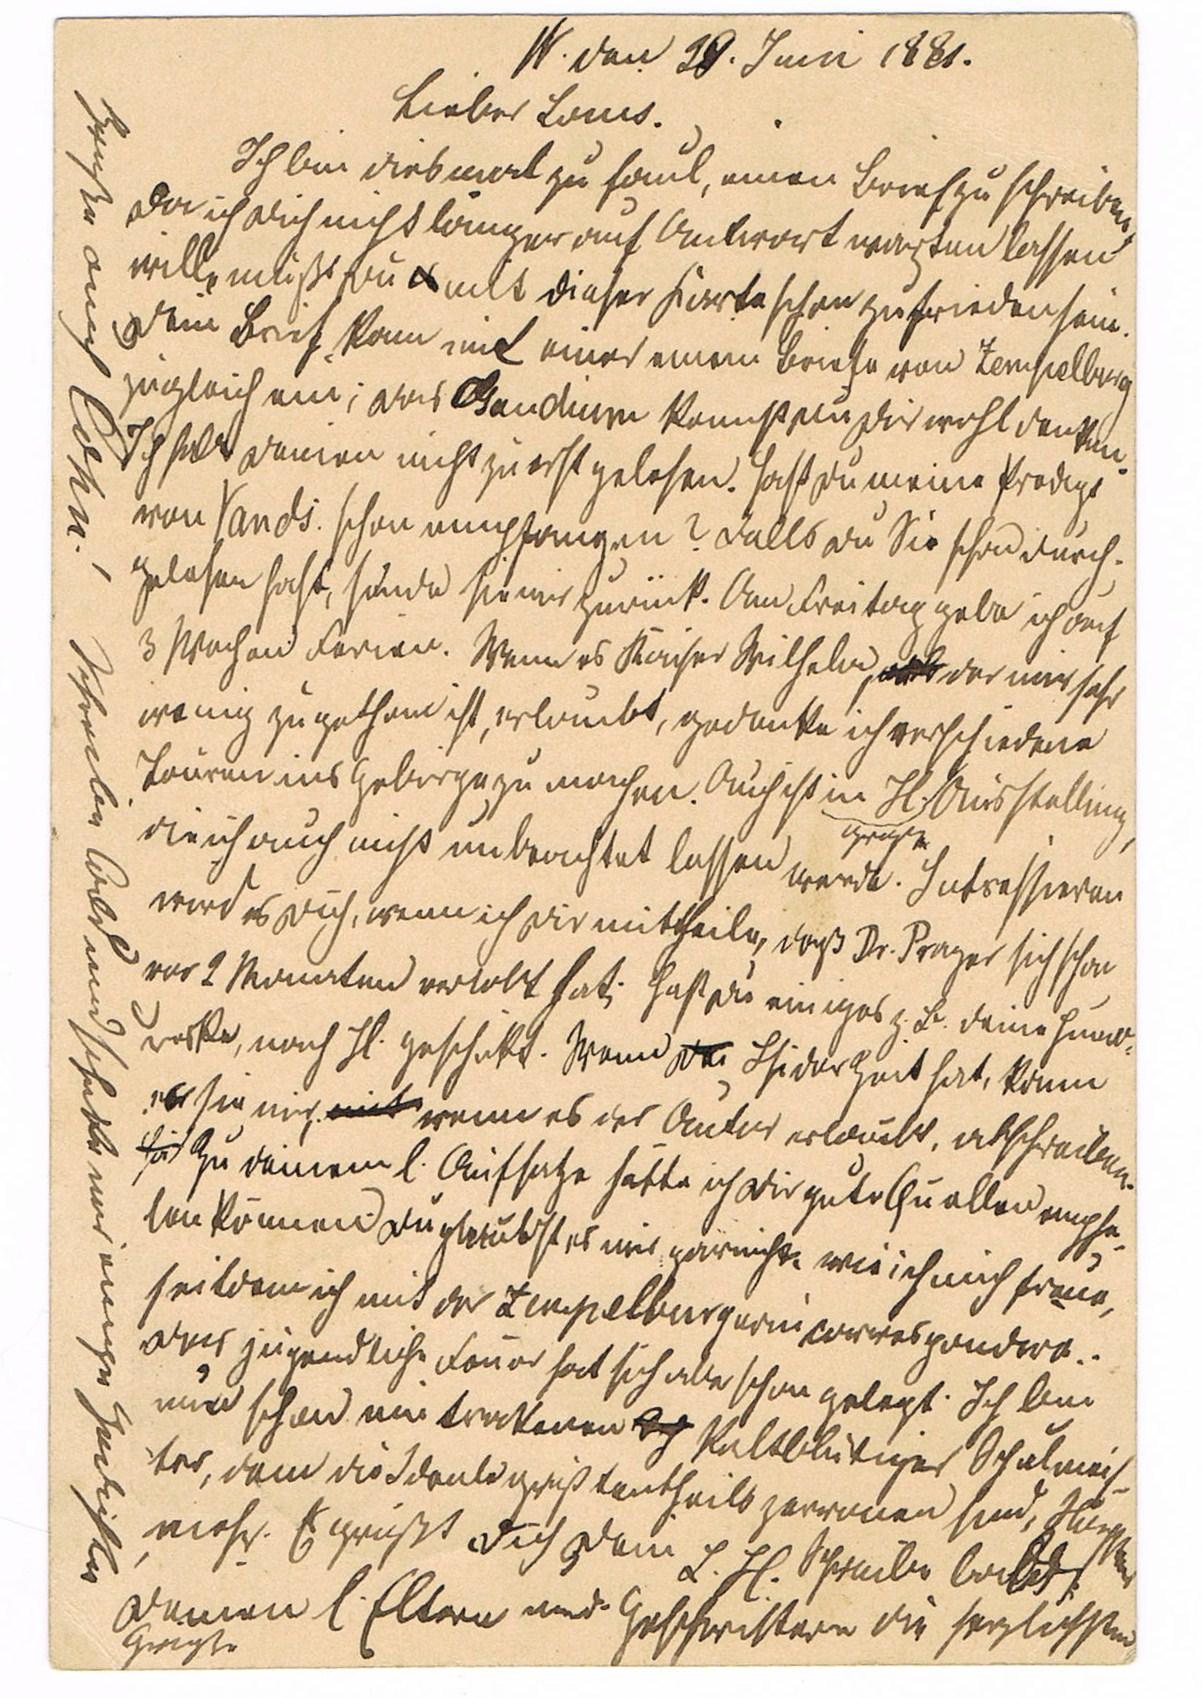 Old letter (1881)